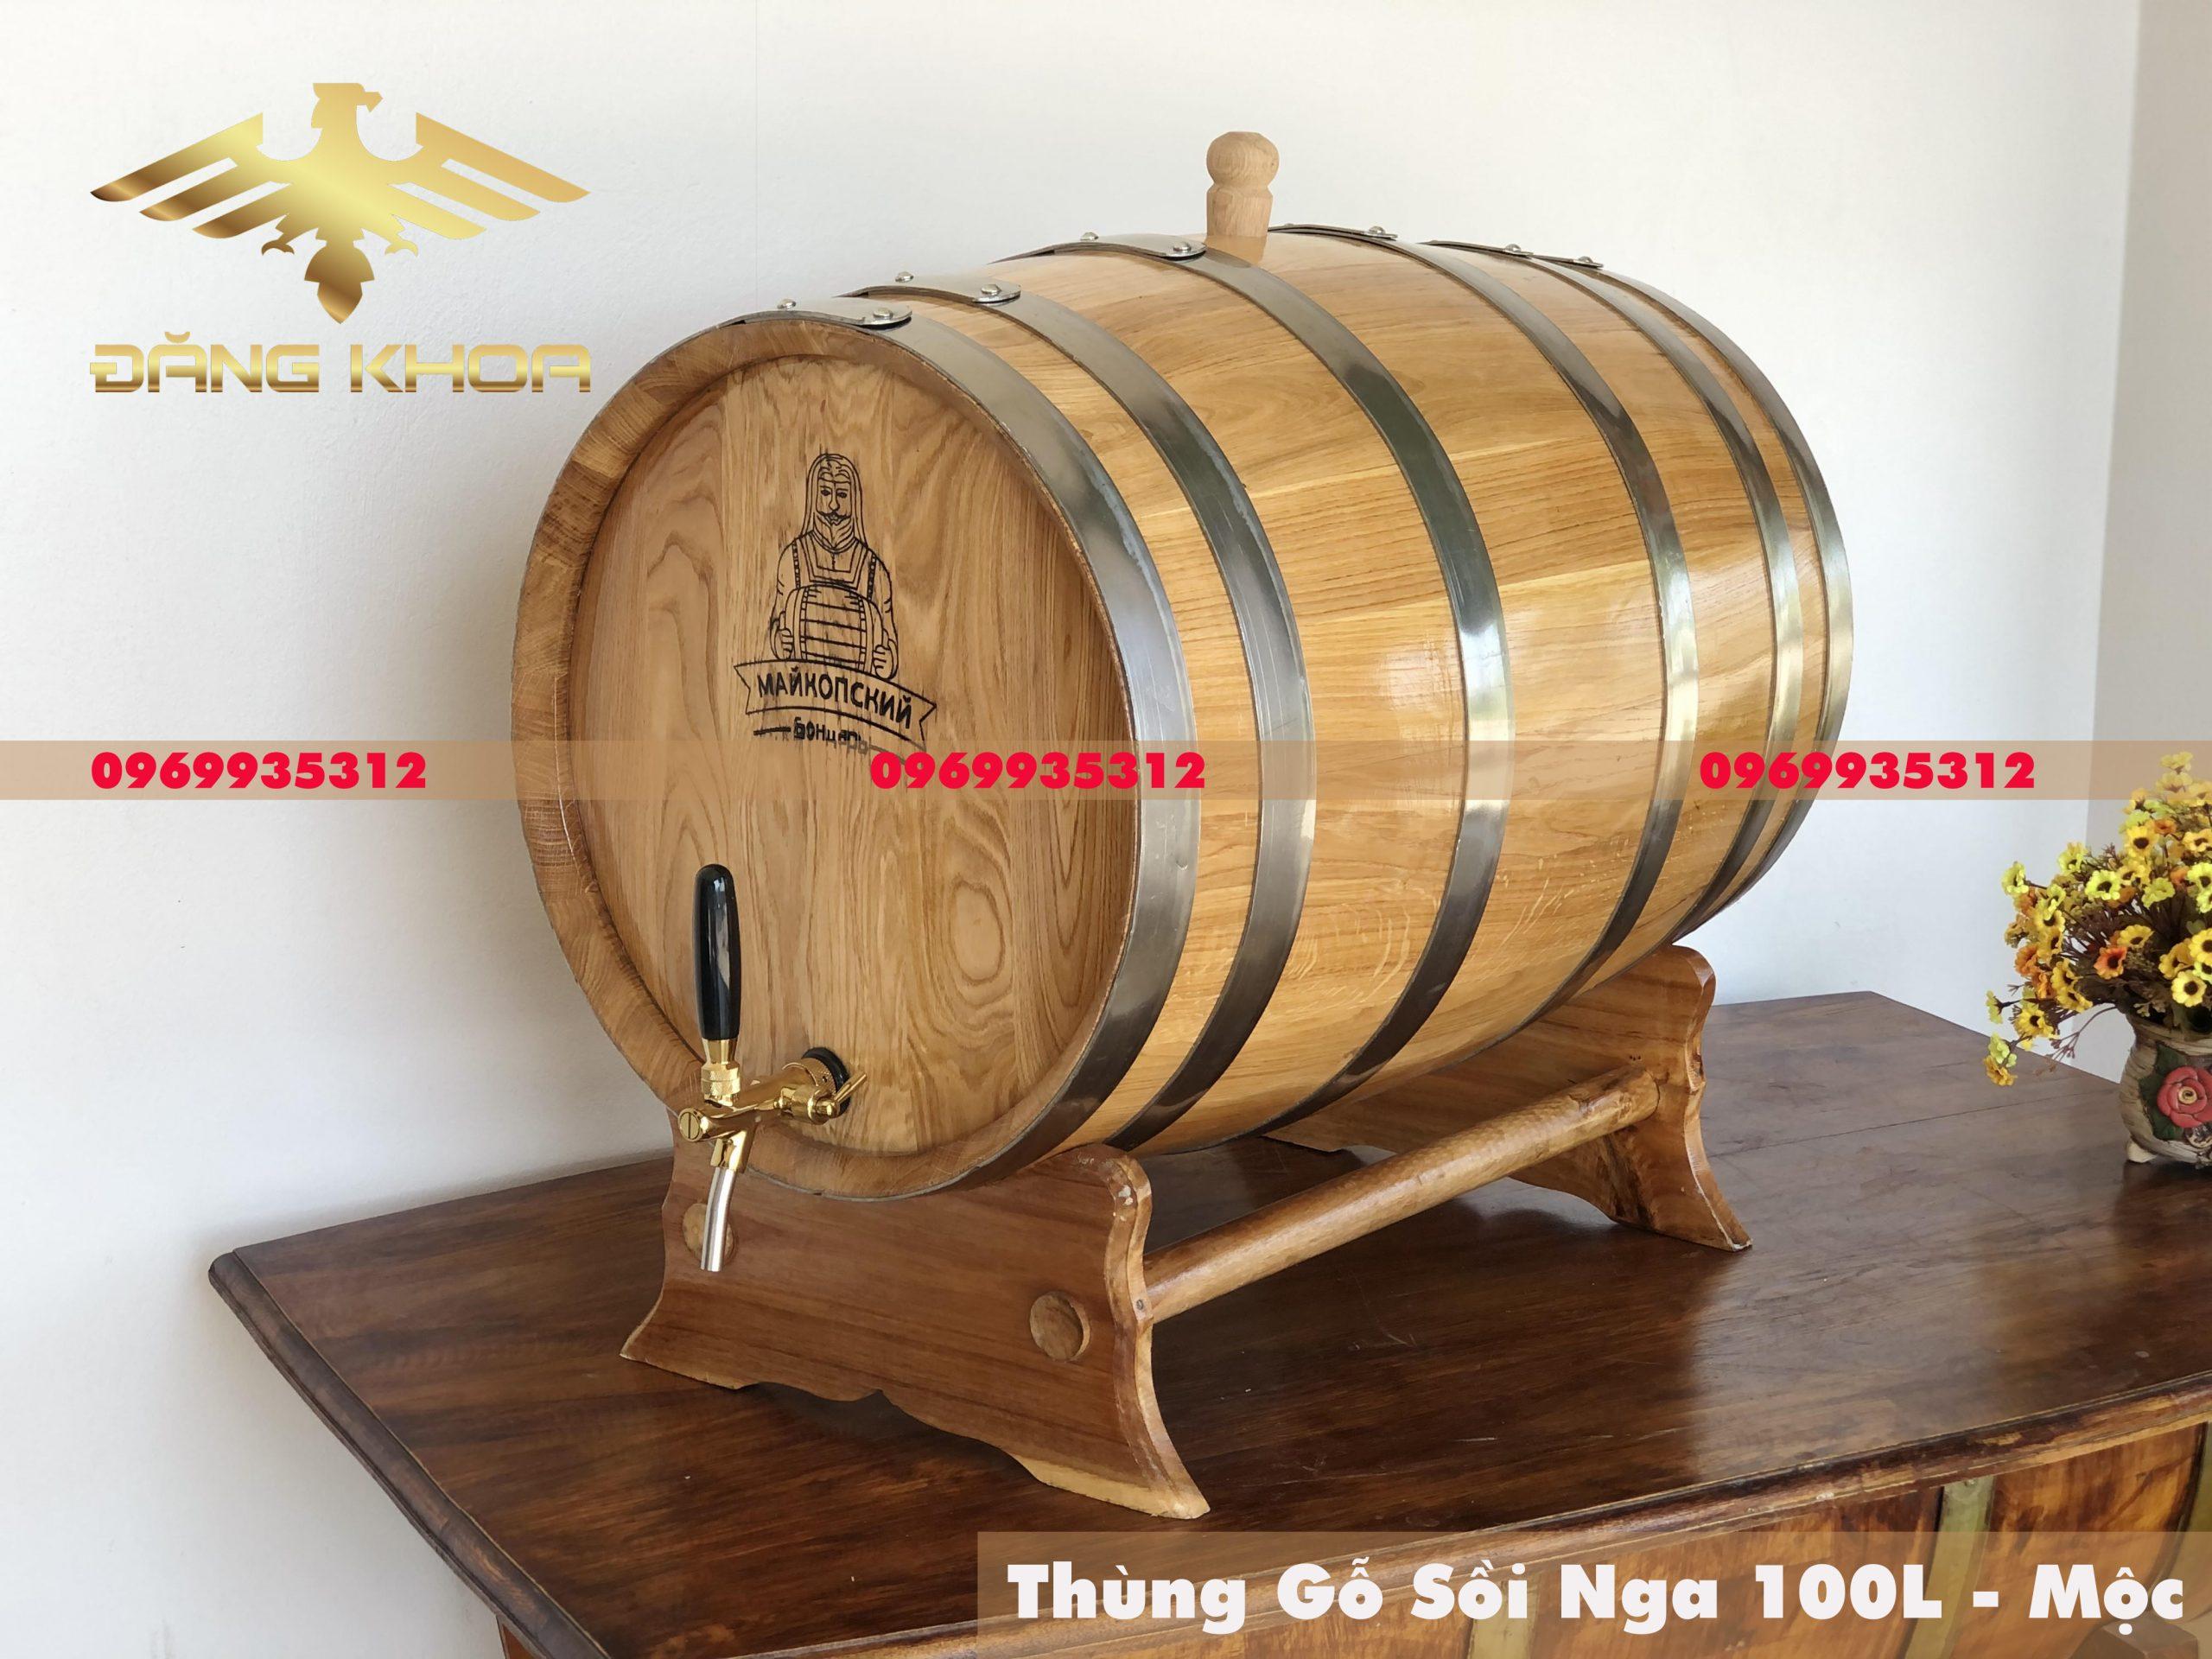 Mua thùng rượu gỗ sồi Nga